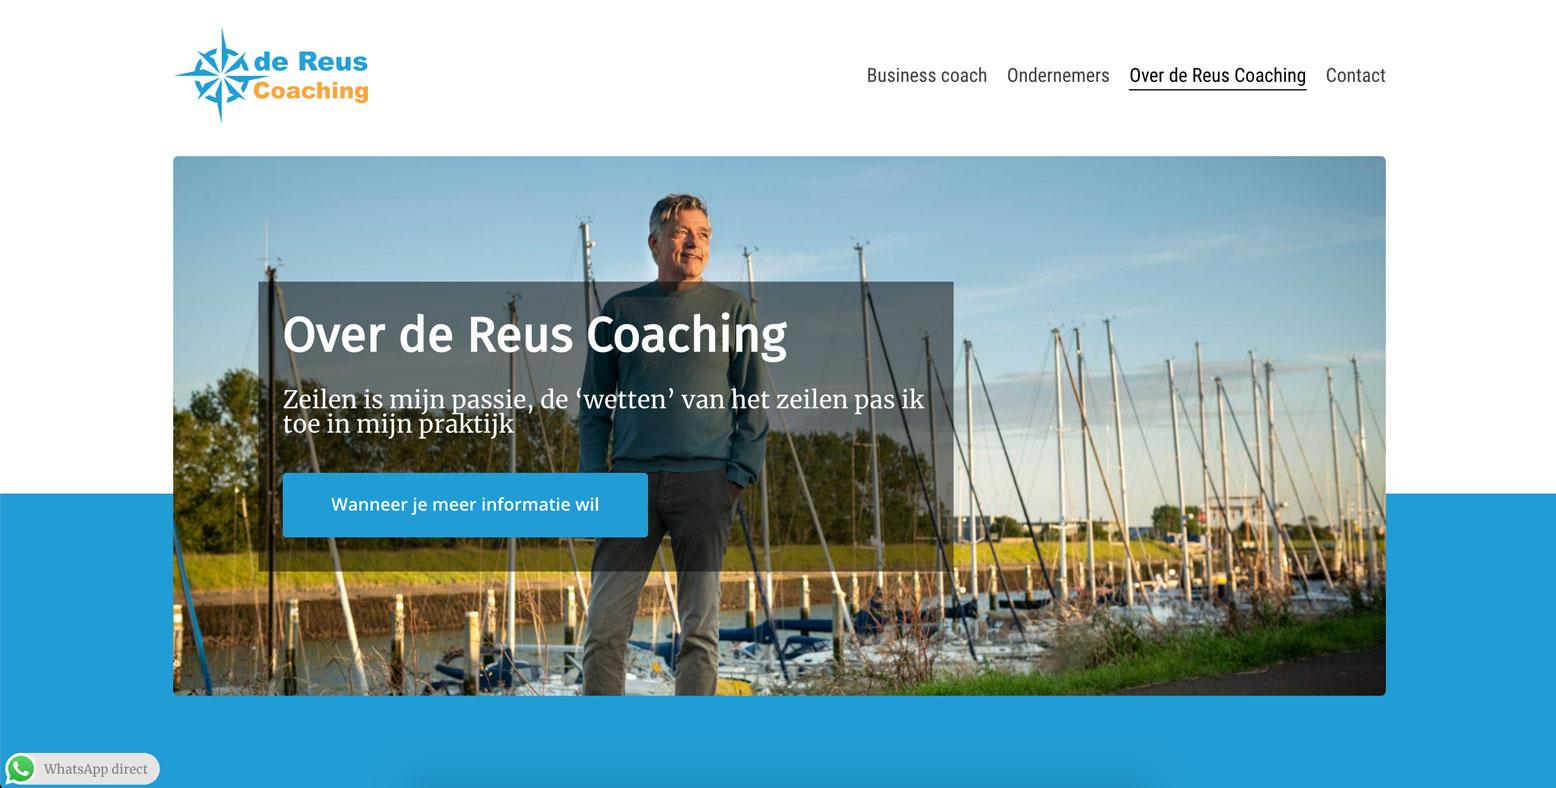 dereus-coaching-project-snugger